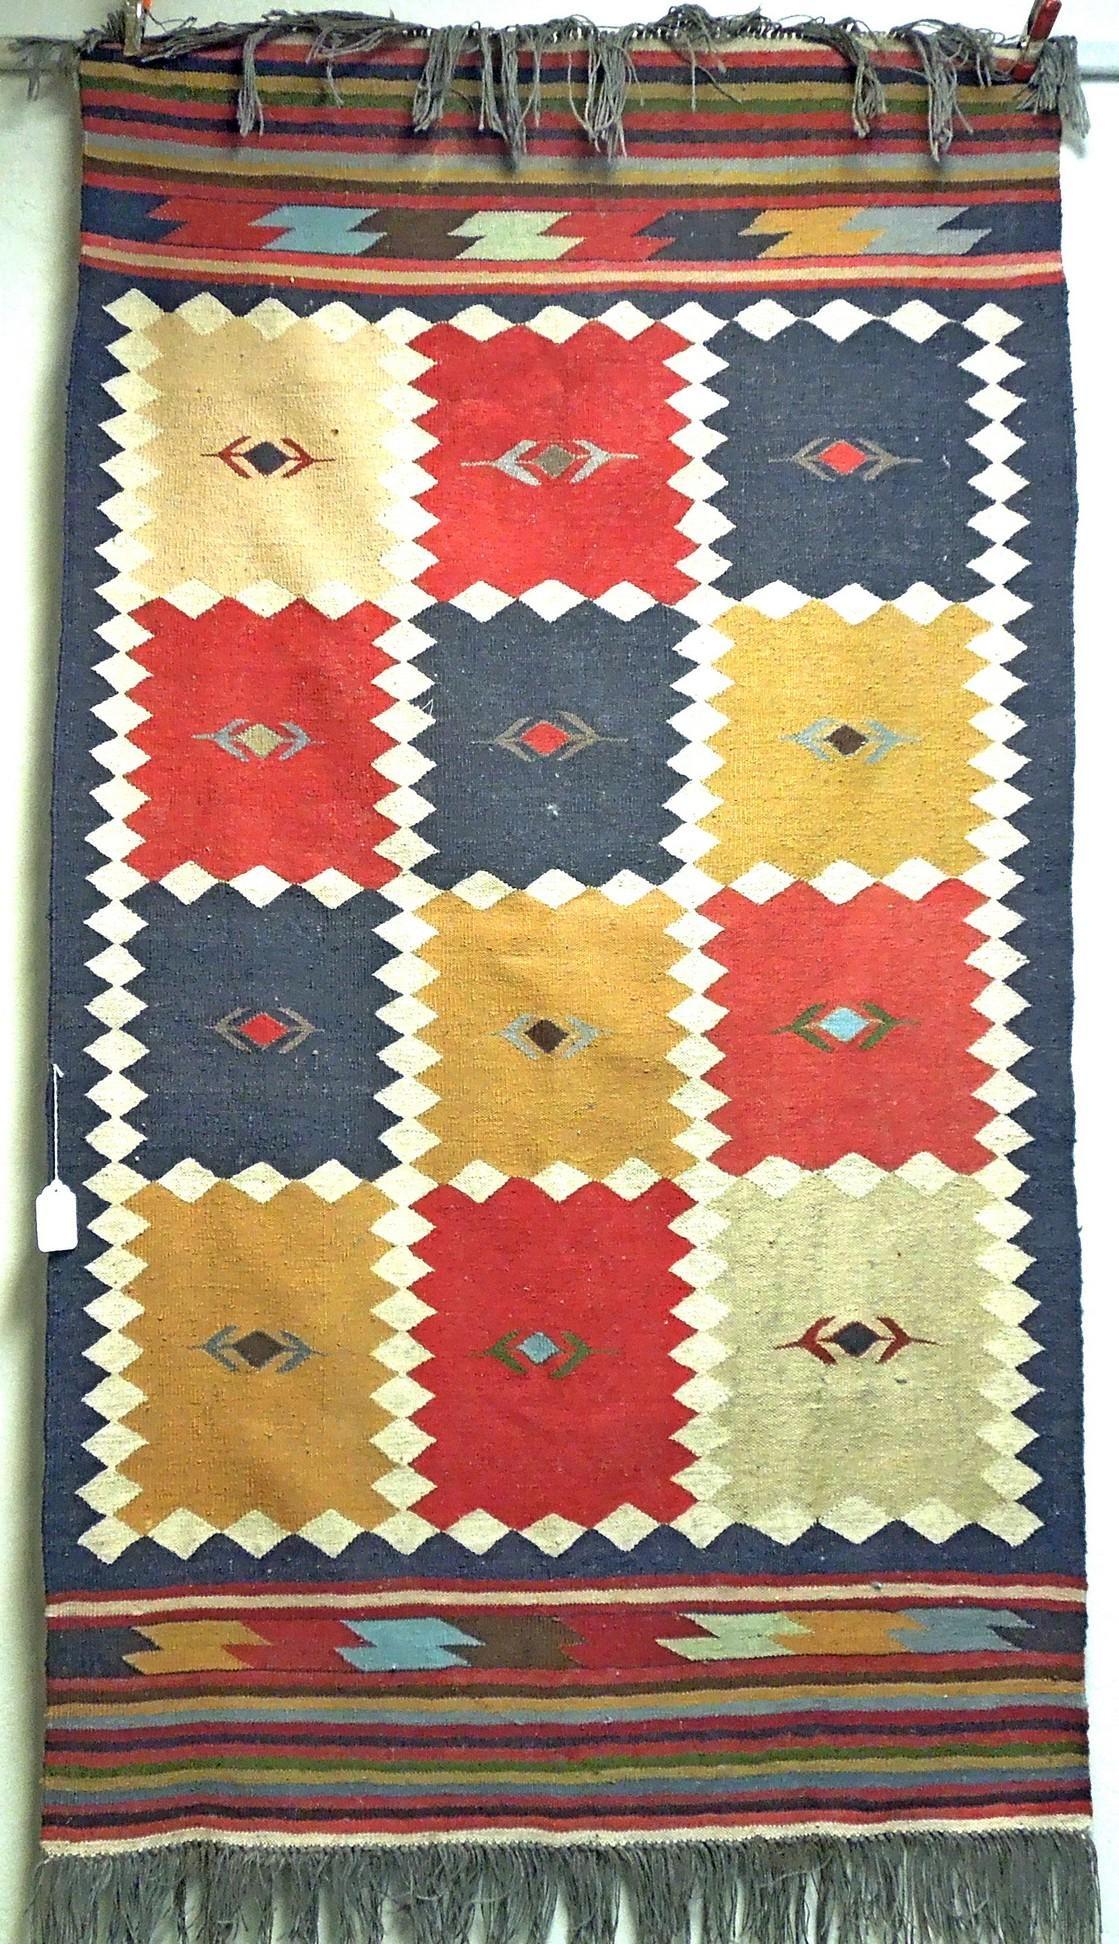 Southwestern Style Flat Weave Rug.